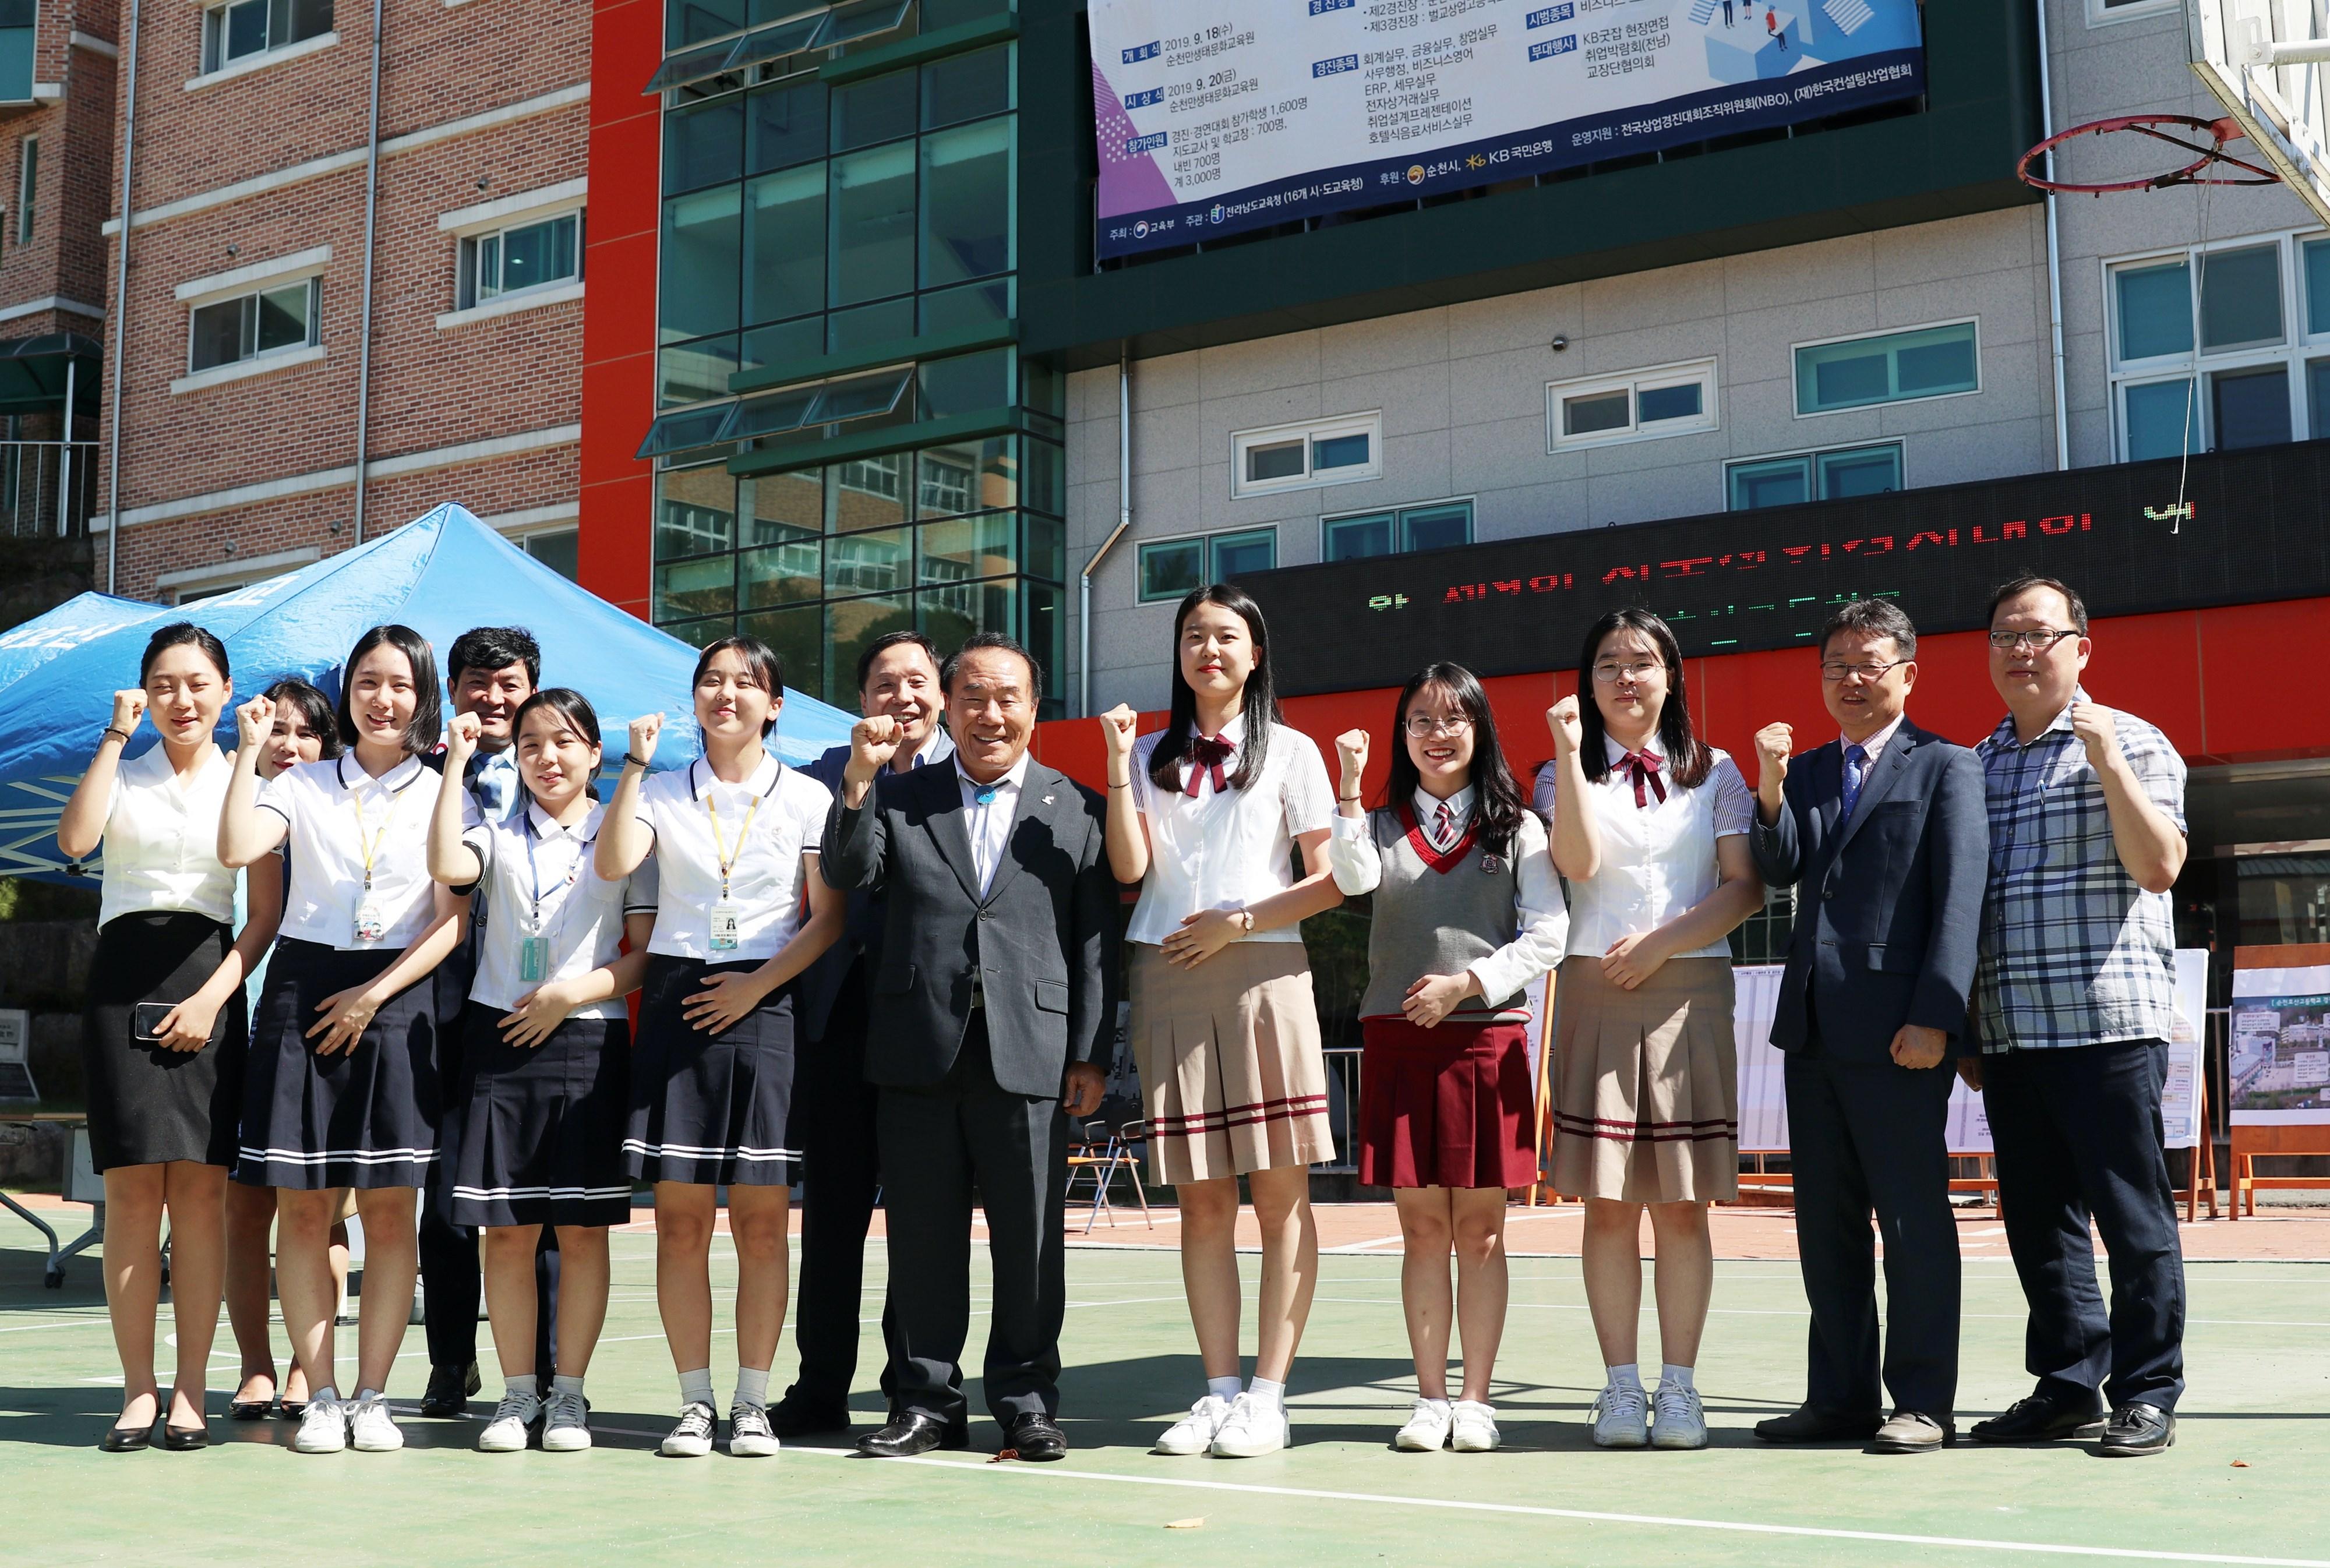 [광주]광주교육청, 전국상업경진대회 종목 출전